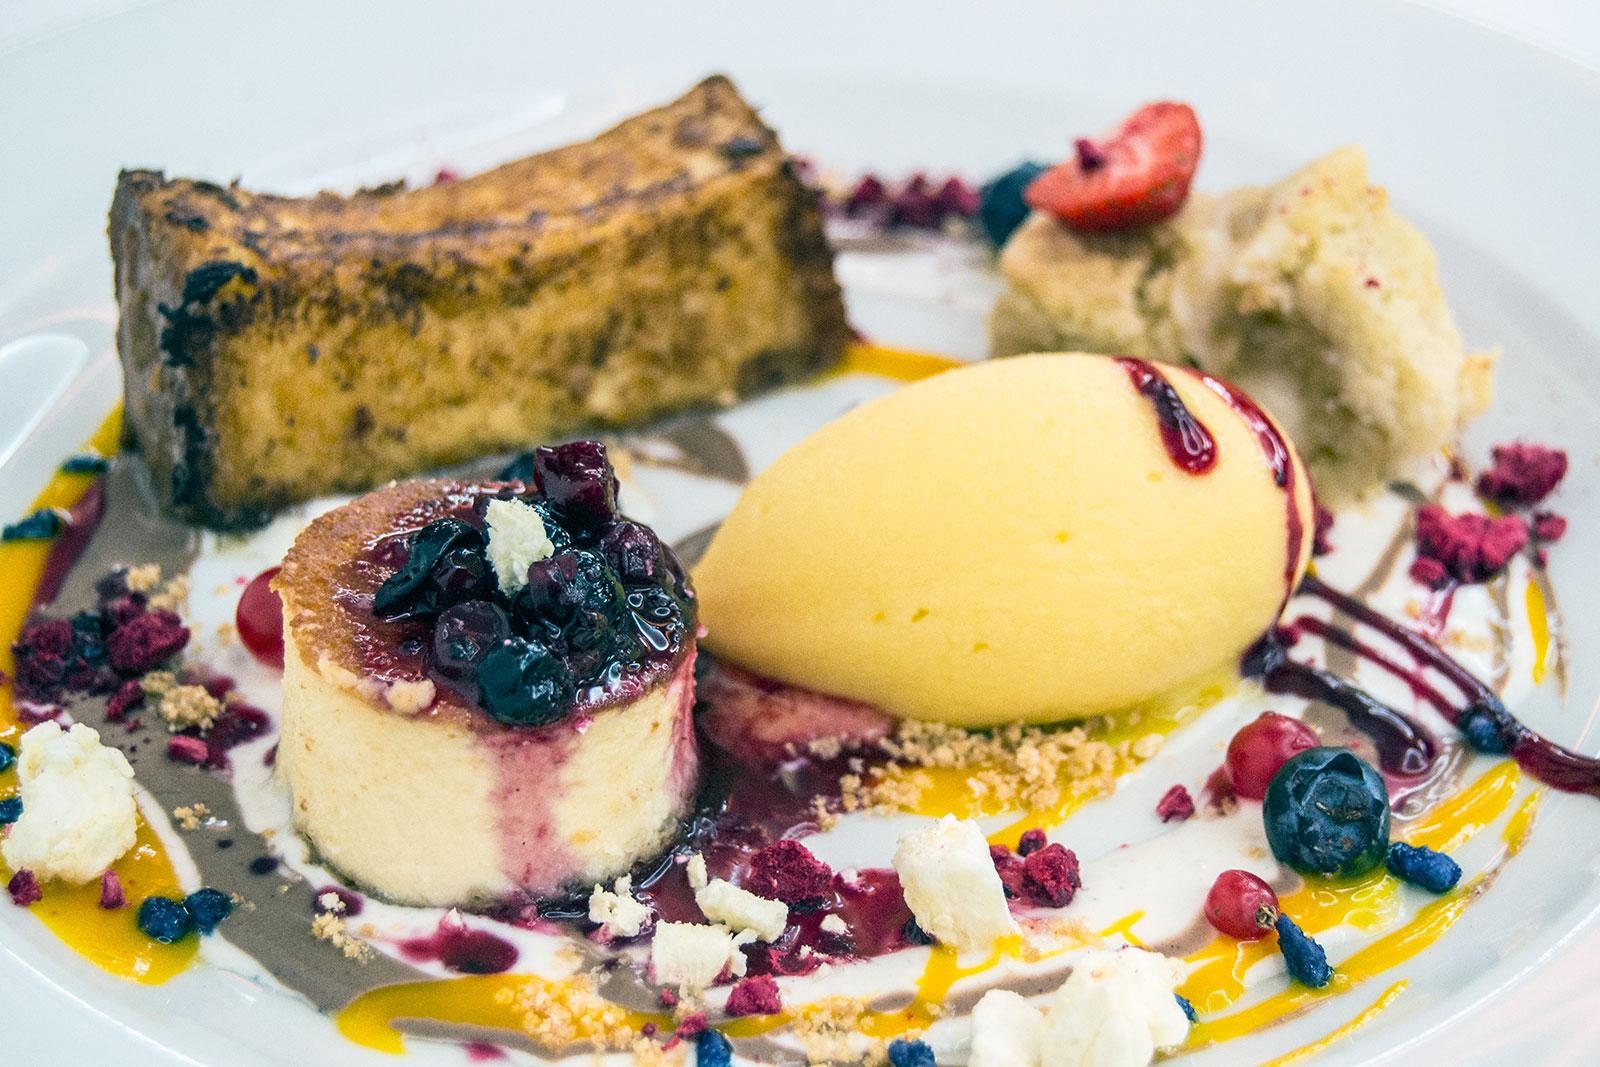 Degustación de postres: Pastel de cacao y nueces, tarta de queso horneada y helado – Restaurante Kaskazuri